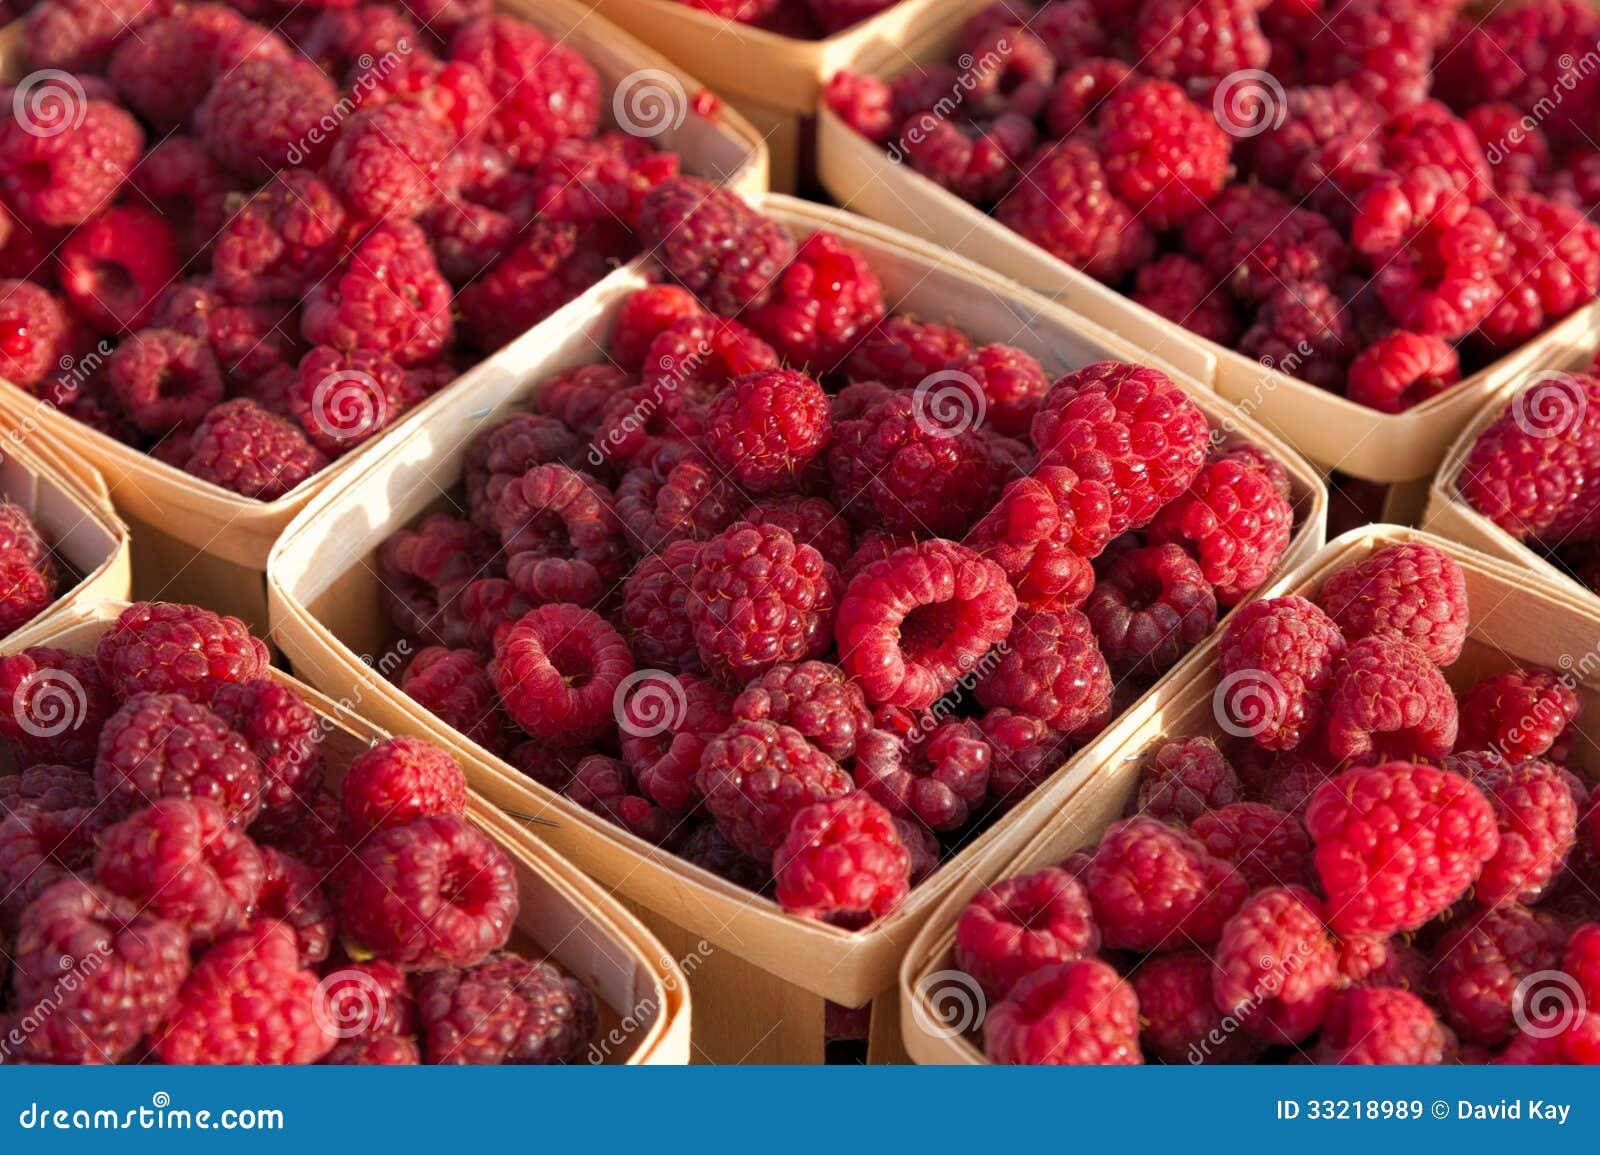 how to keep raspberries fresh